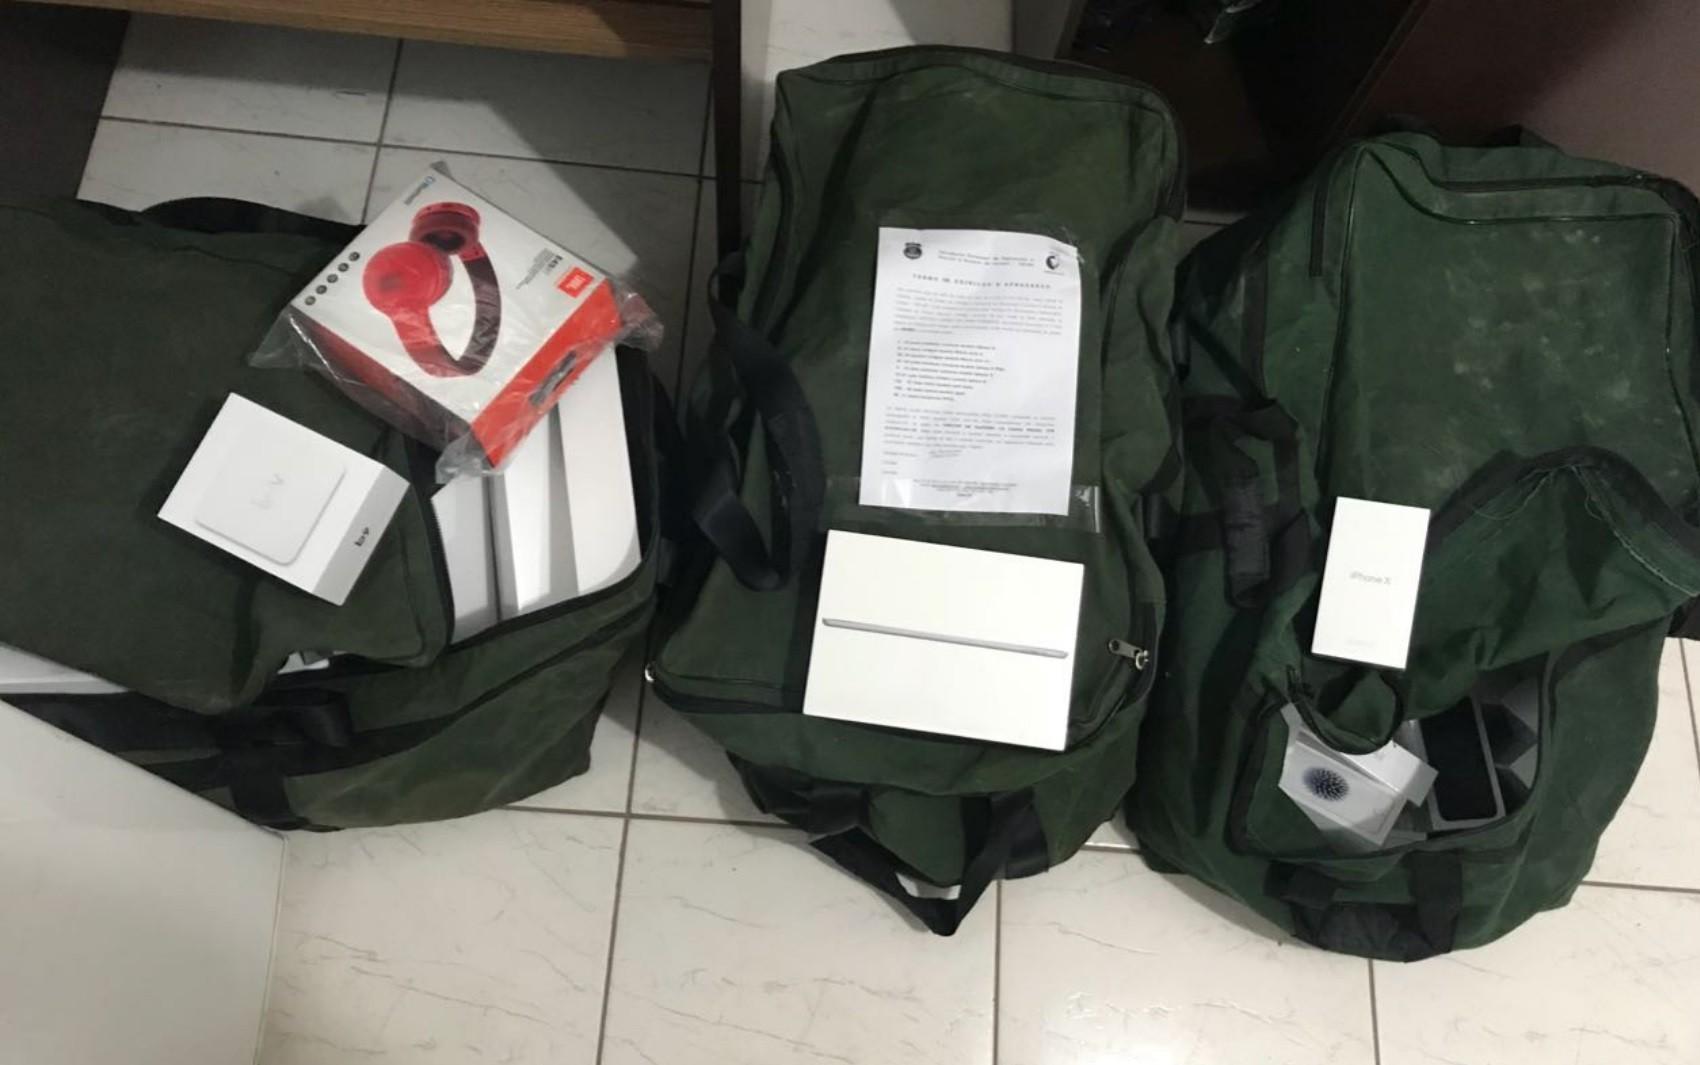 Suspeito de lucrar R$ 100 mil por mês com contrabandos é preso com R$ 600 mil em eletrônicos ilícitos, em Goiânia